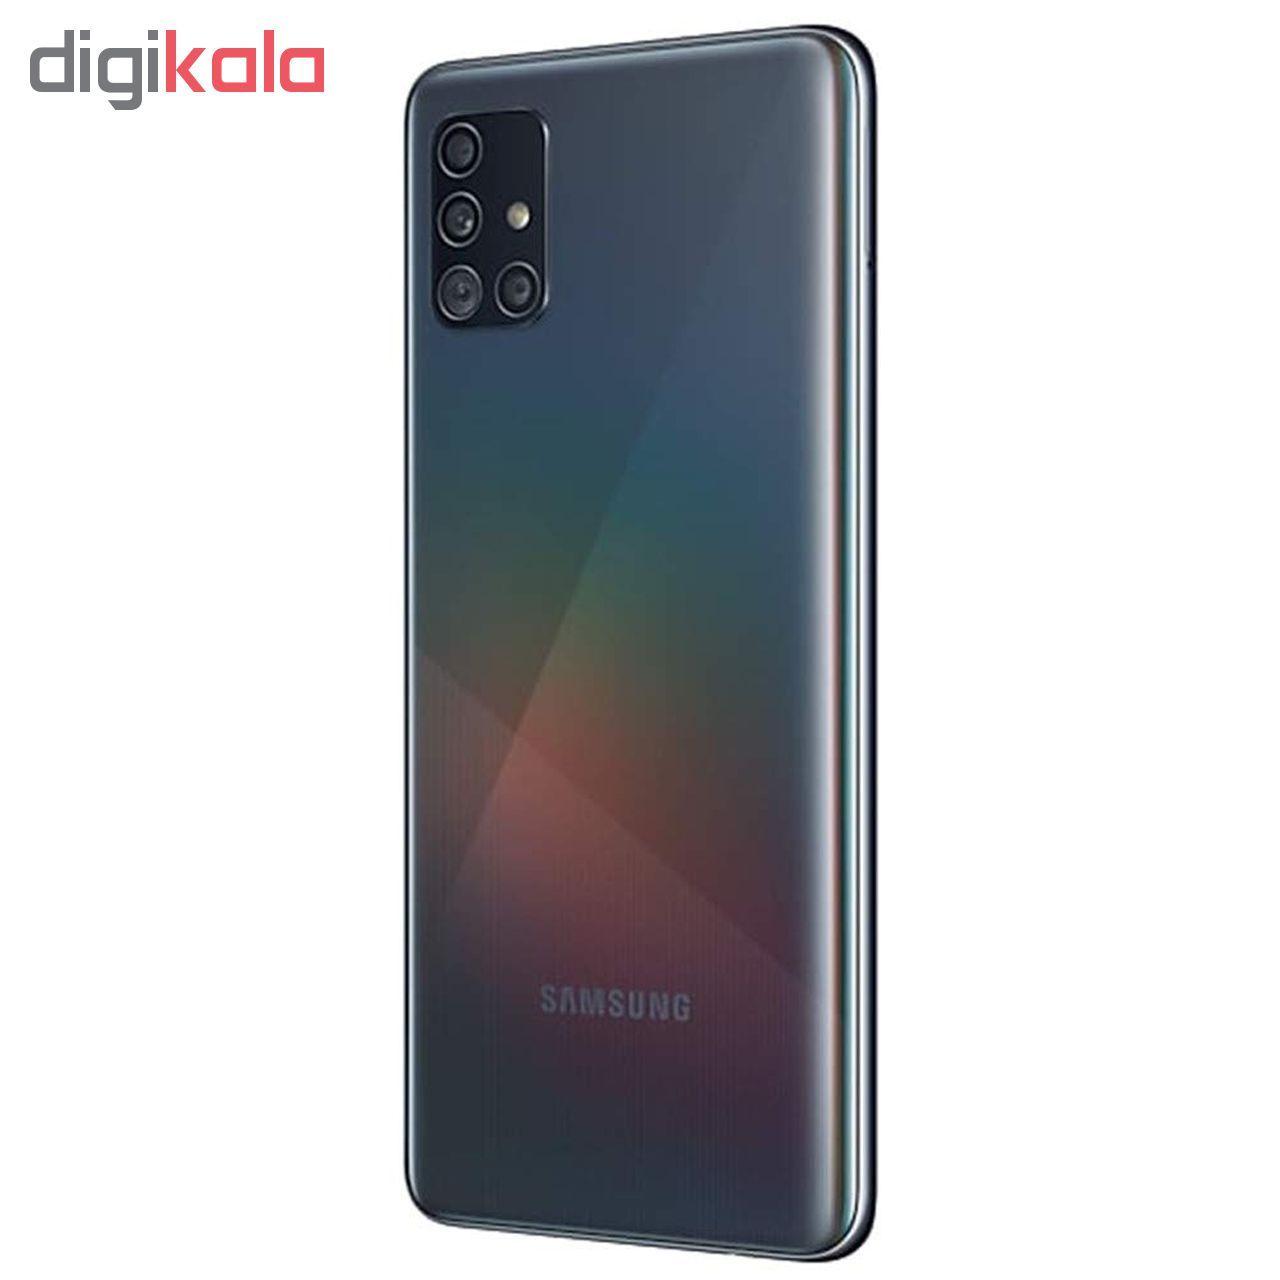 گوشی موبایل سامسونگ مدل Galaxy A51 SM-A515F/DSN دو سیم کارت ظرفیت 128گیگابایت main 1 4